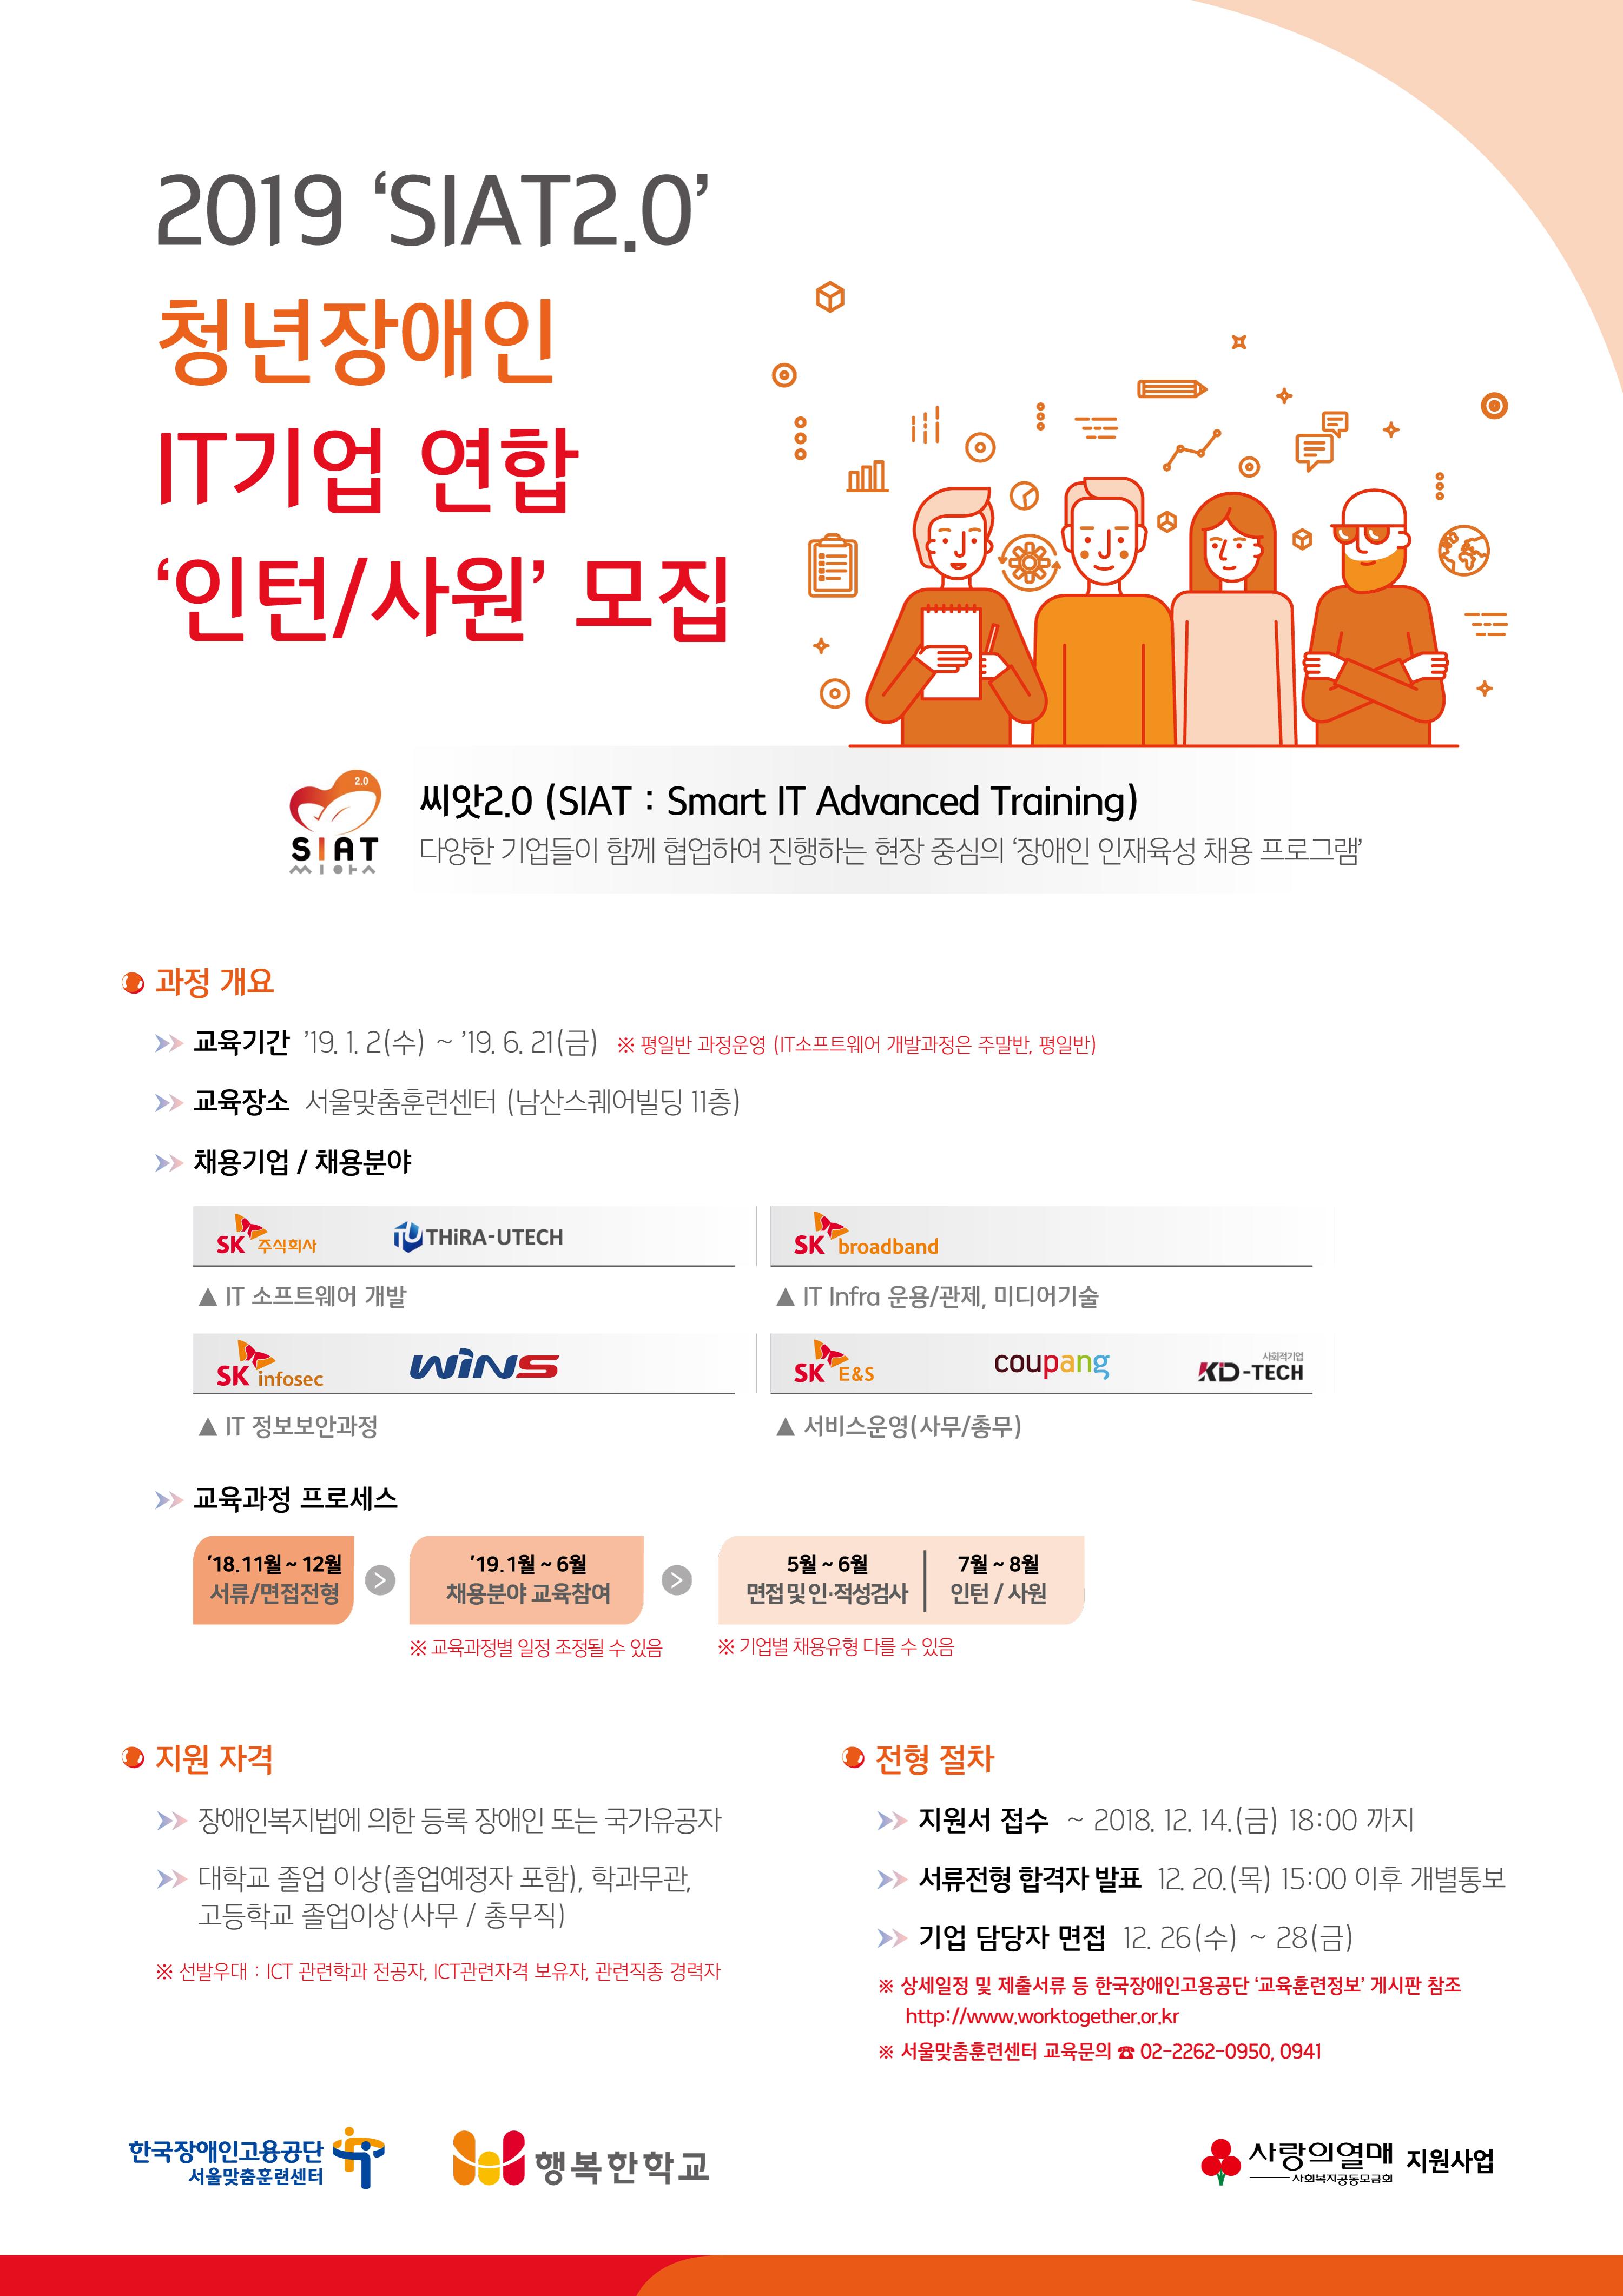 「2019년 씨앗(SIAT)2.0 청년장애인 IT기업 연합 인턴/사원 모집」